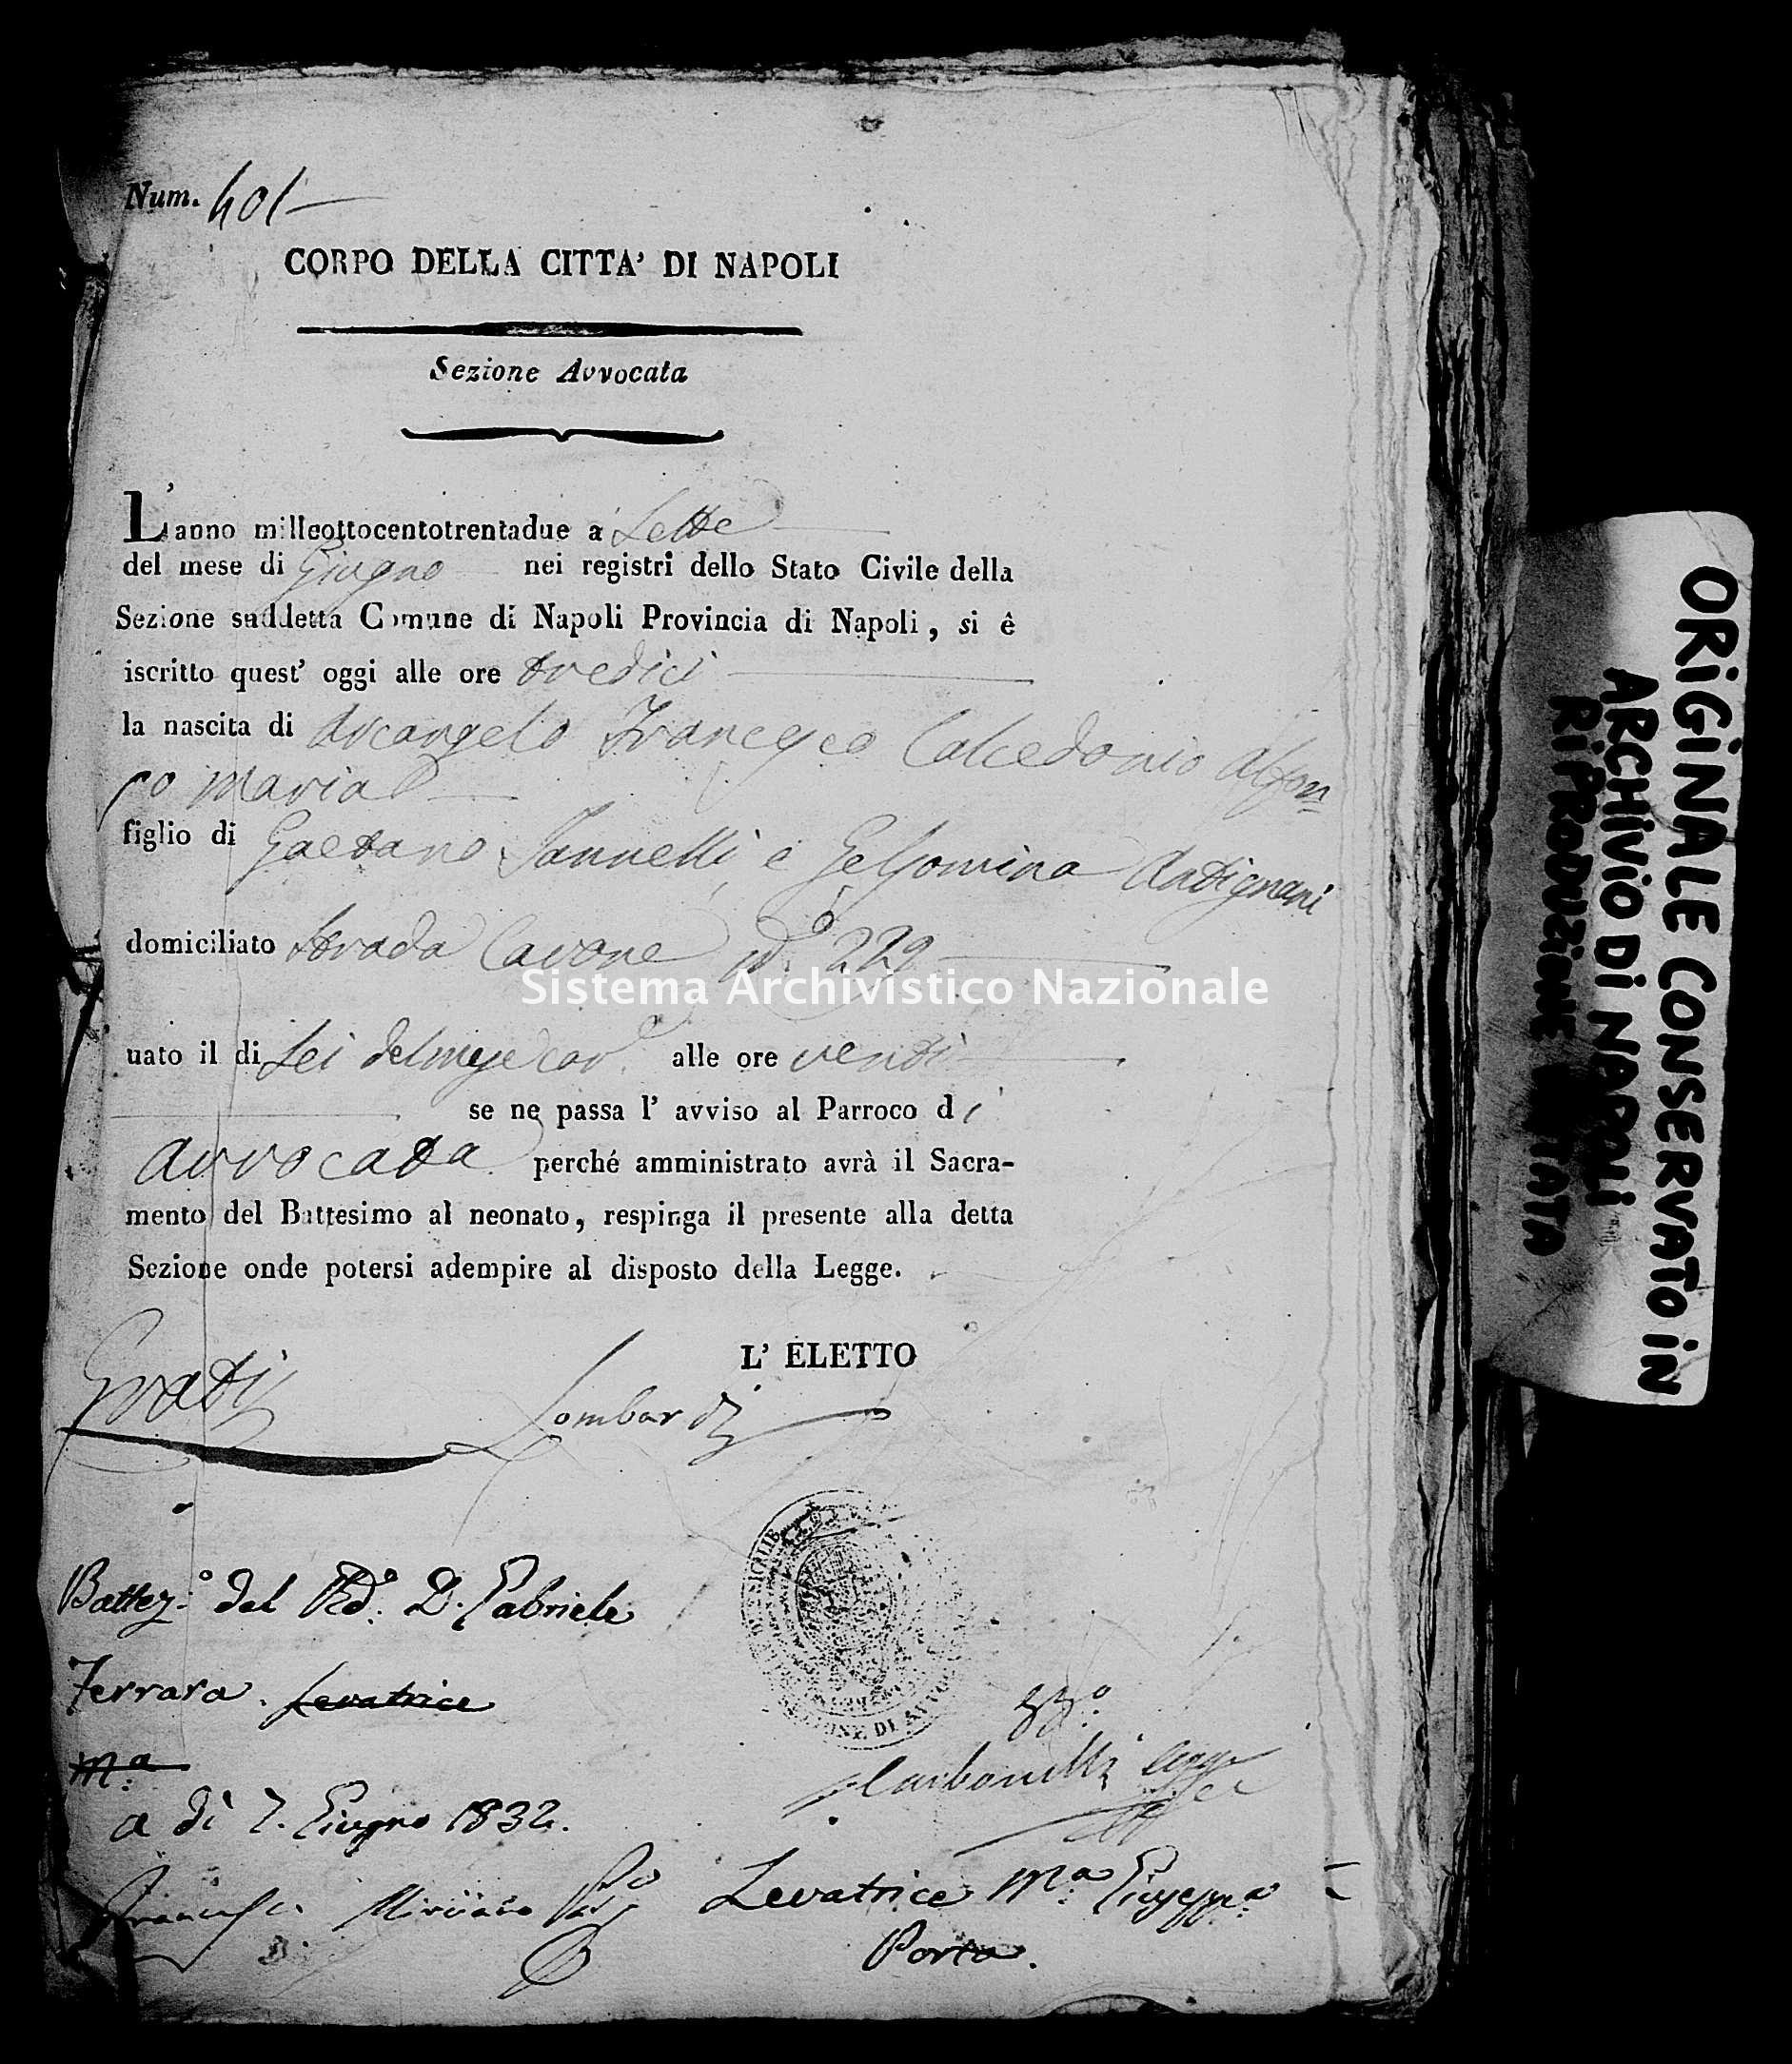 Archivio di stato di Napoli - Stato civile della restaurazione - Avvocata - Nati, battesimi - 07/06/1832-30/12/1832 -